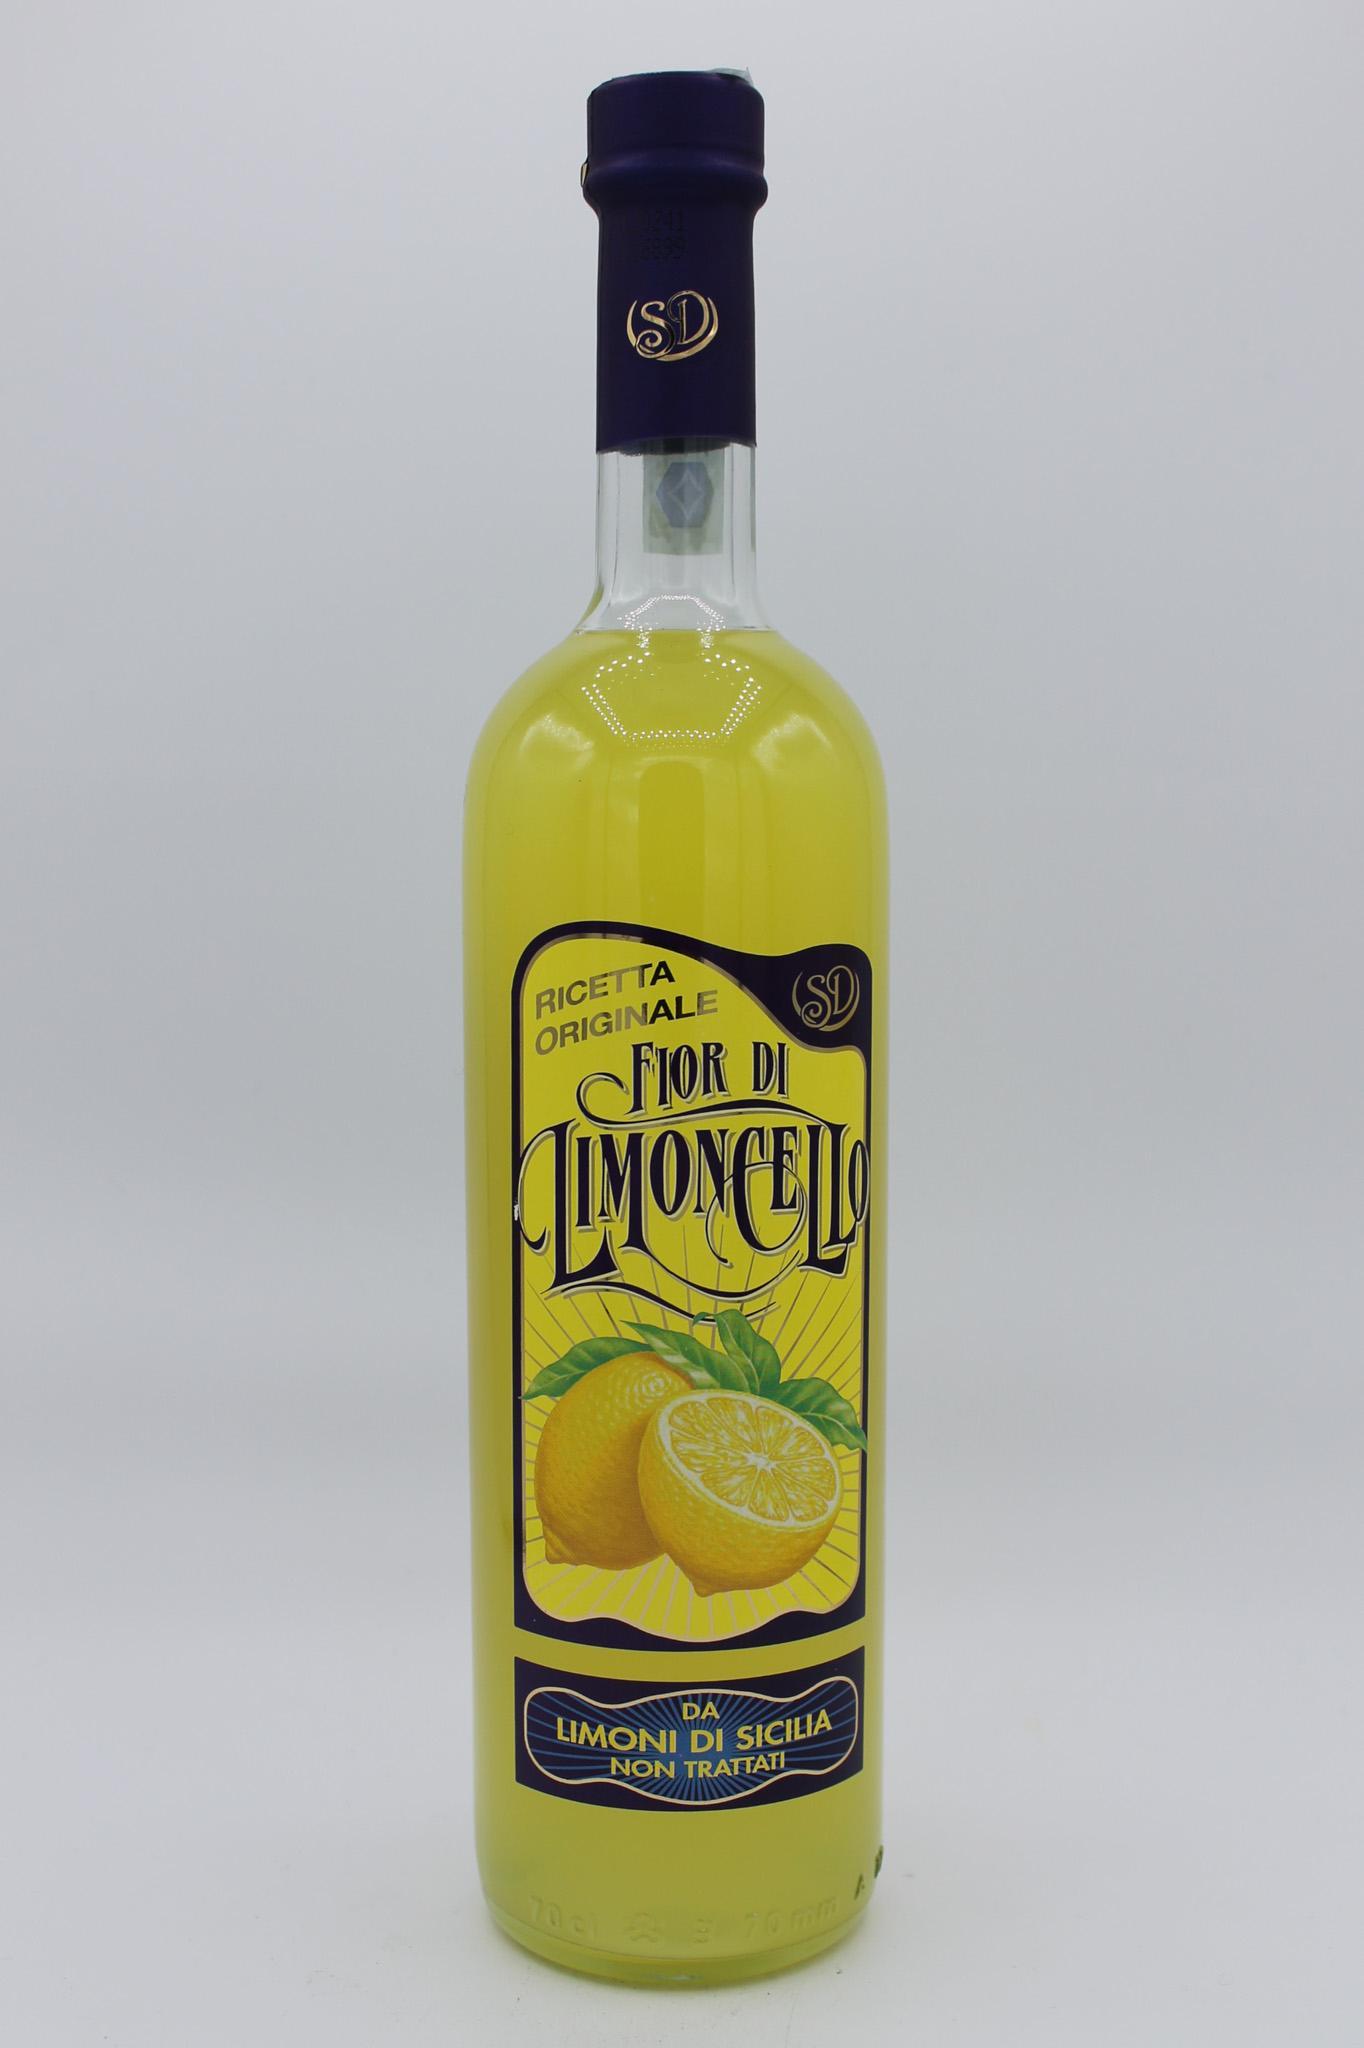 Liquore fior di limoncello 700ml.